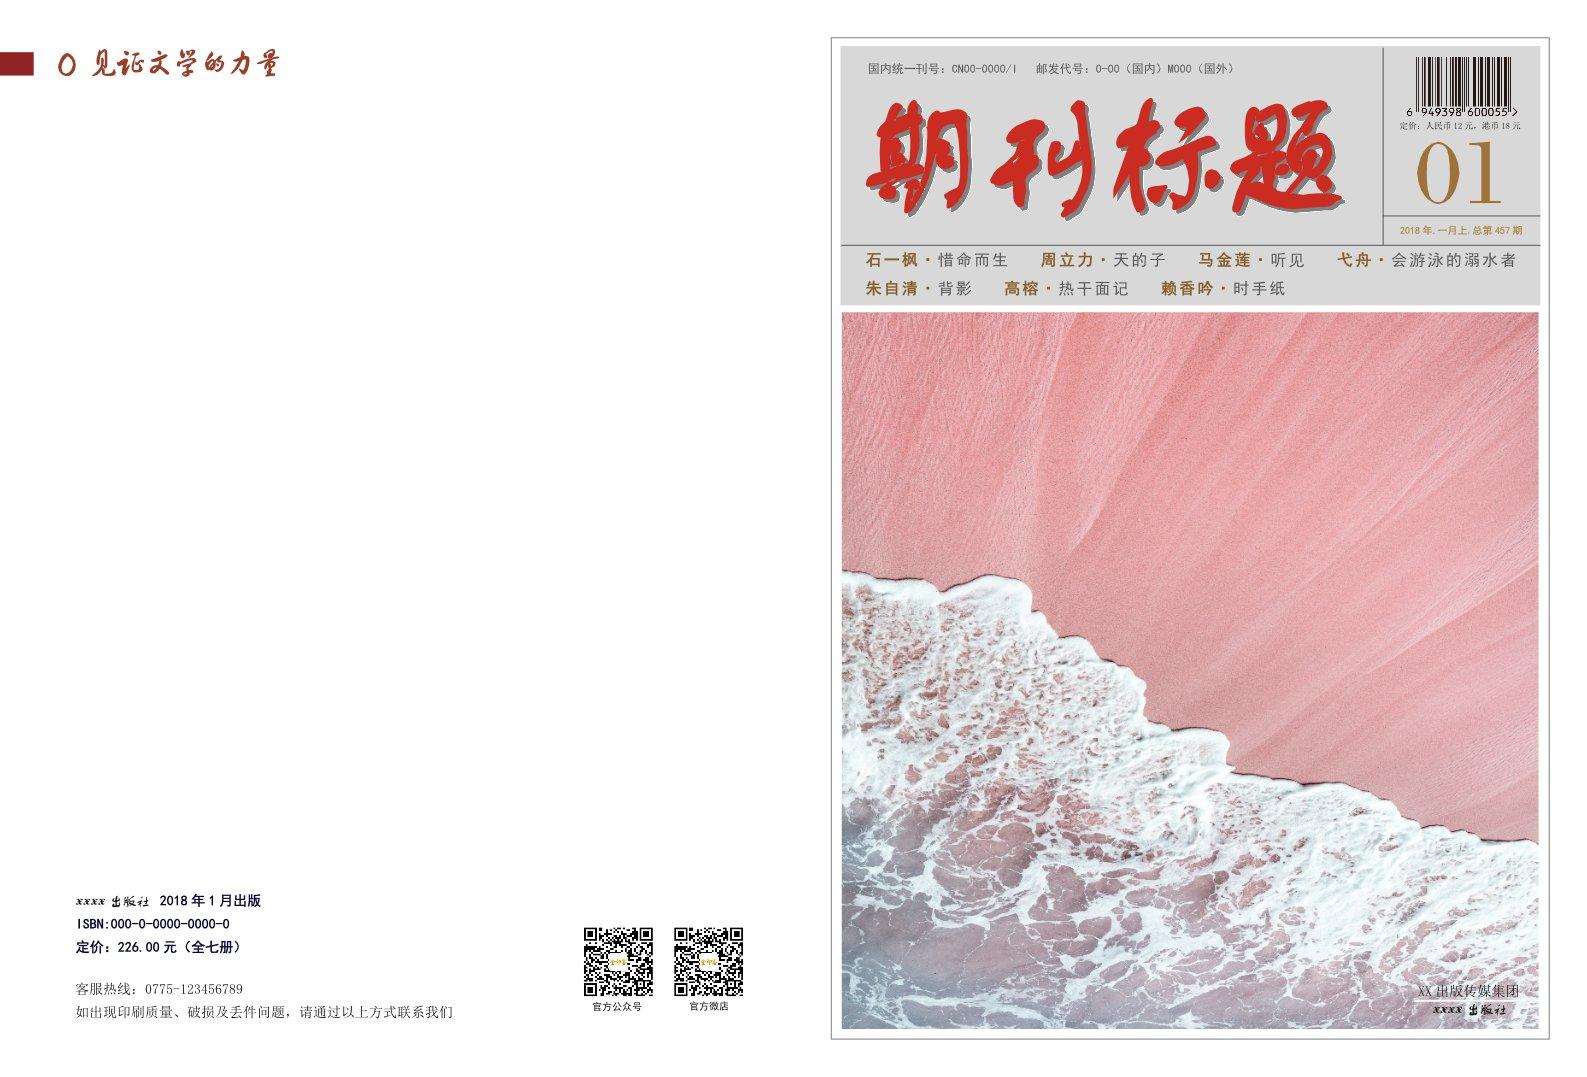 2012台历模板_文学杂志期刊-模板-免费下载-金印客